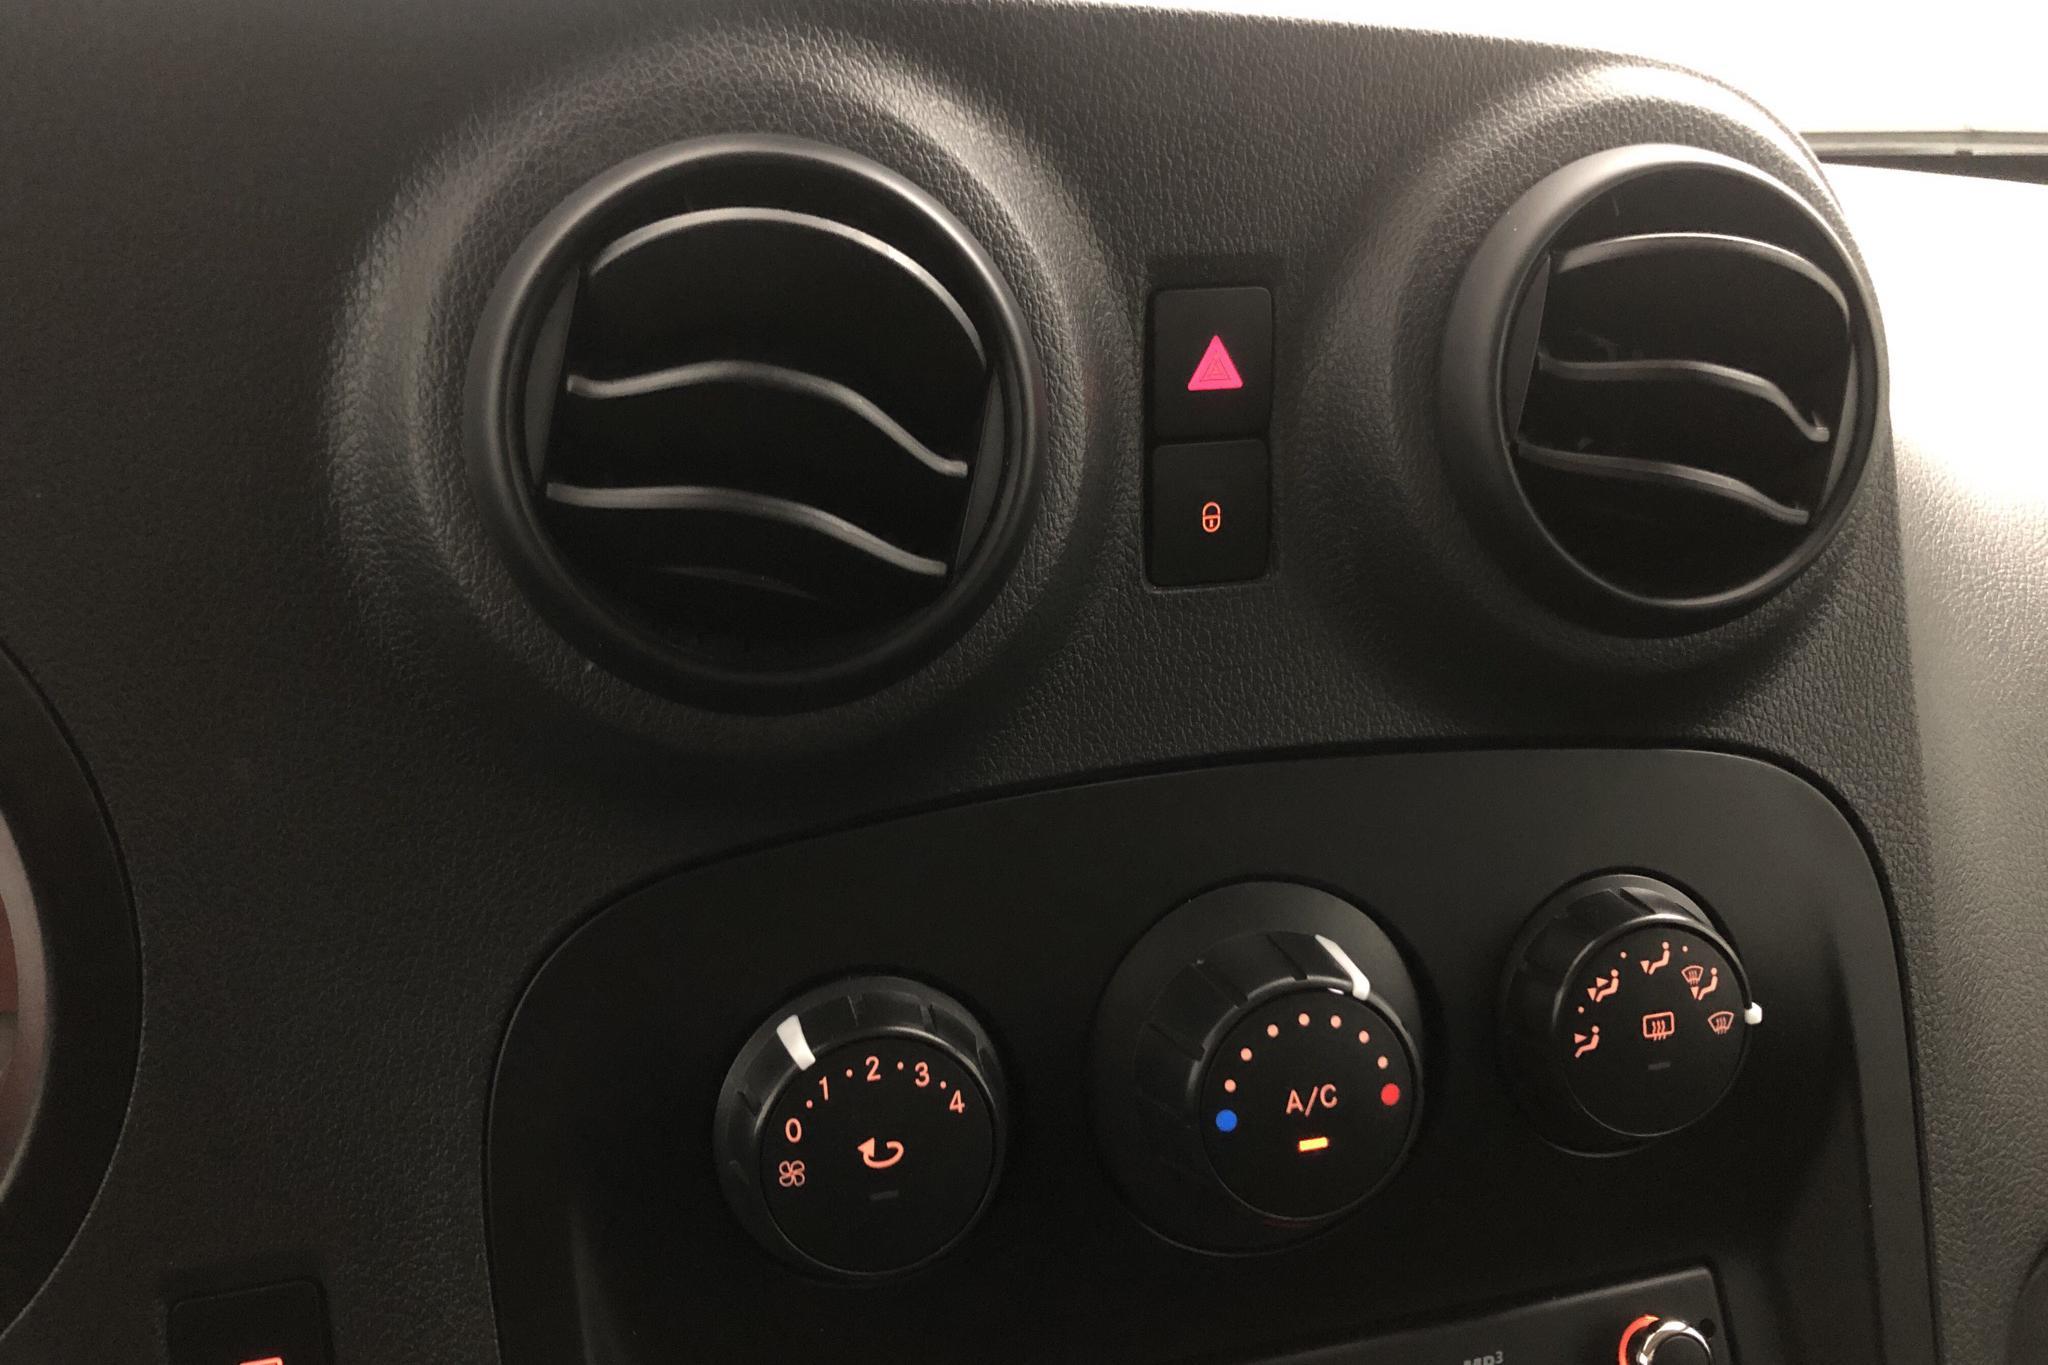 Mercedes Citan 109 1.5 CDI (90hk) - 43 030 km - Manual - white - 2019